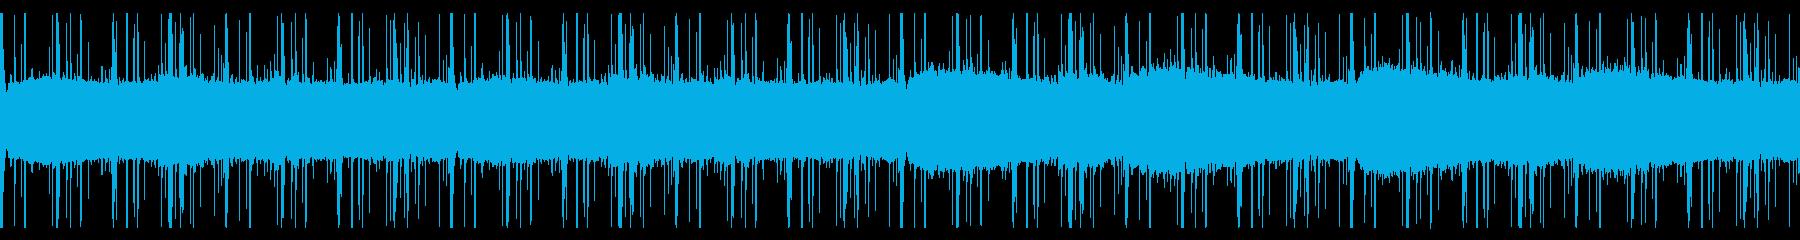 緊迫感のあるクールなテクノの再生済みの波形